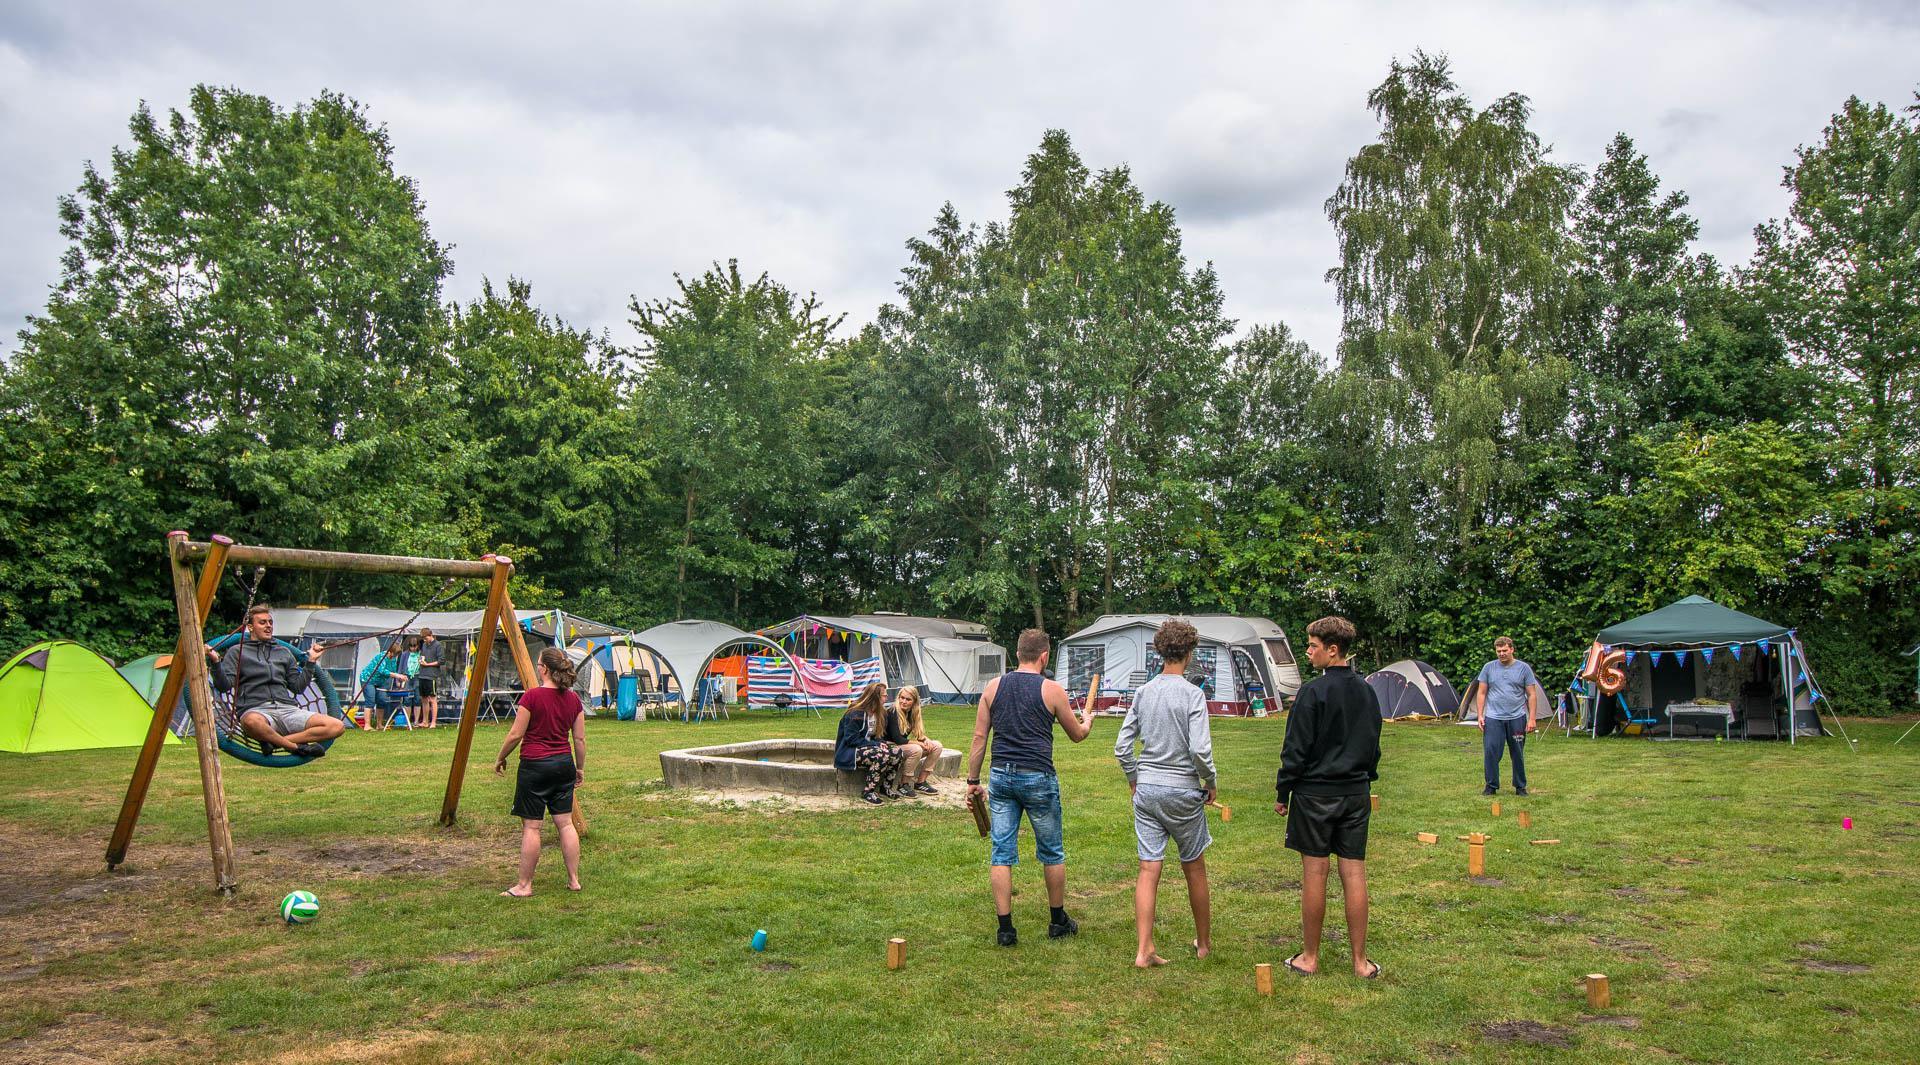 Vakantiepark De Sikkenberg Trekkershut 4 personen Onstwedde Westerwolde Groningen Drenthe